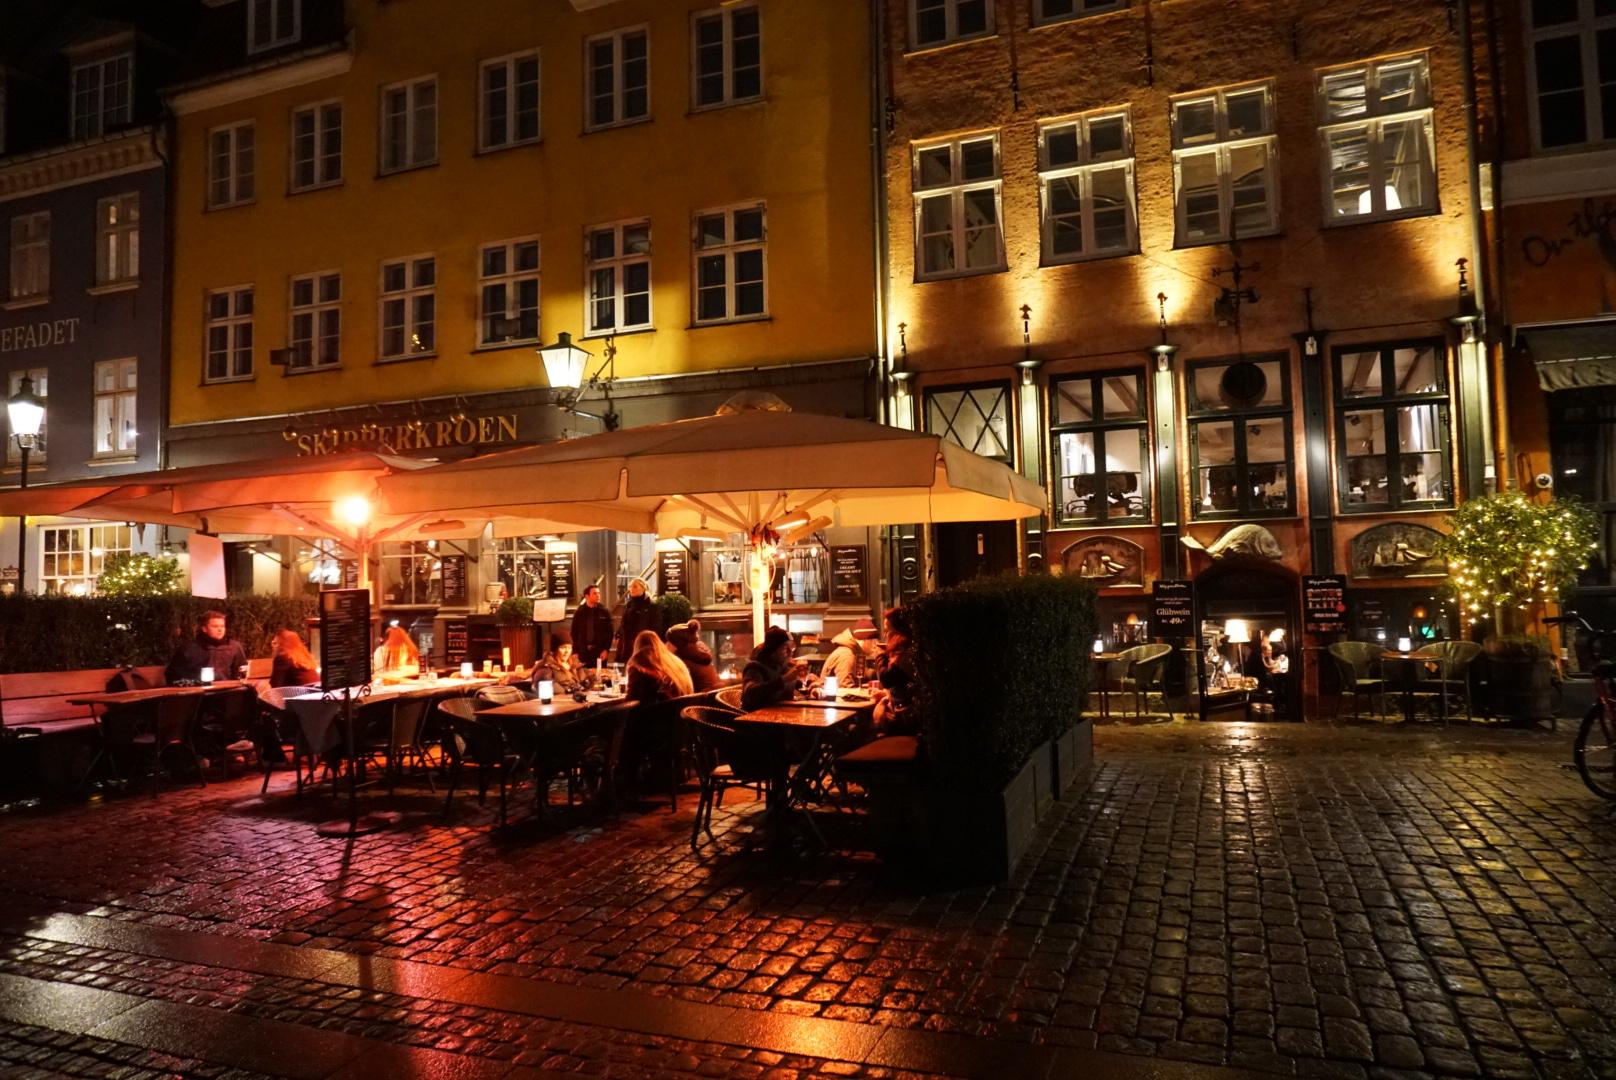 Nyhavn restaurants, Copenhagen